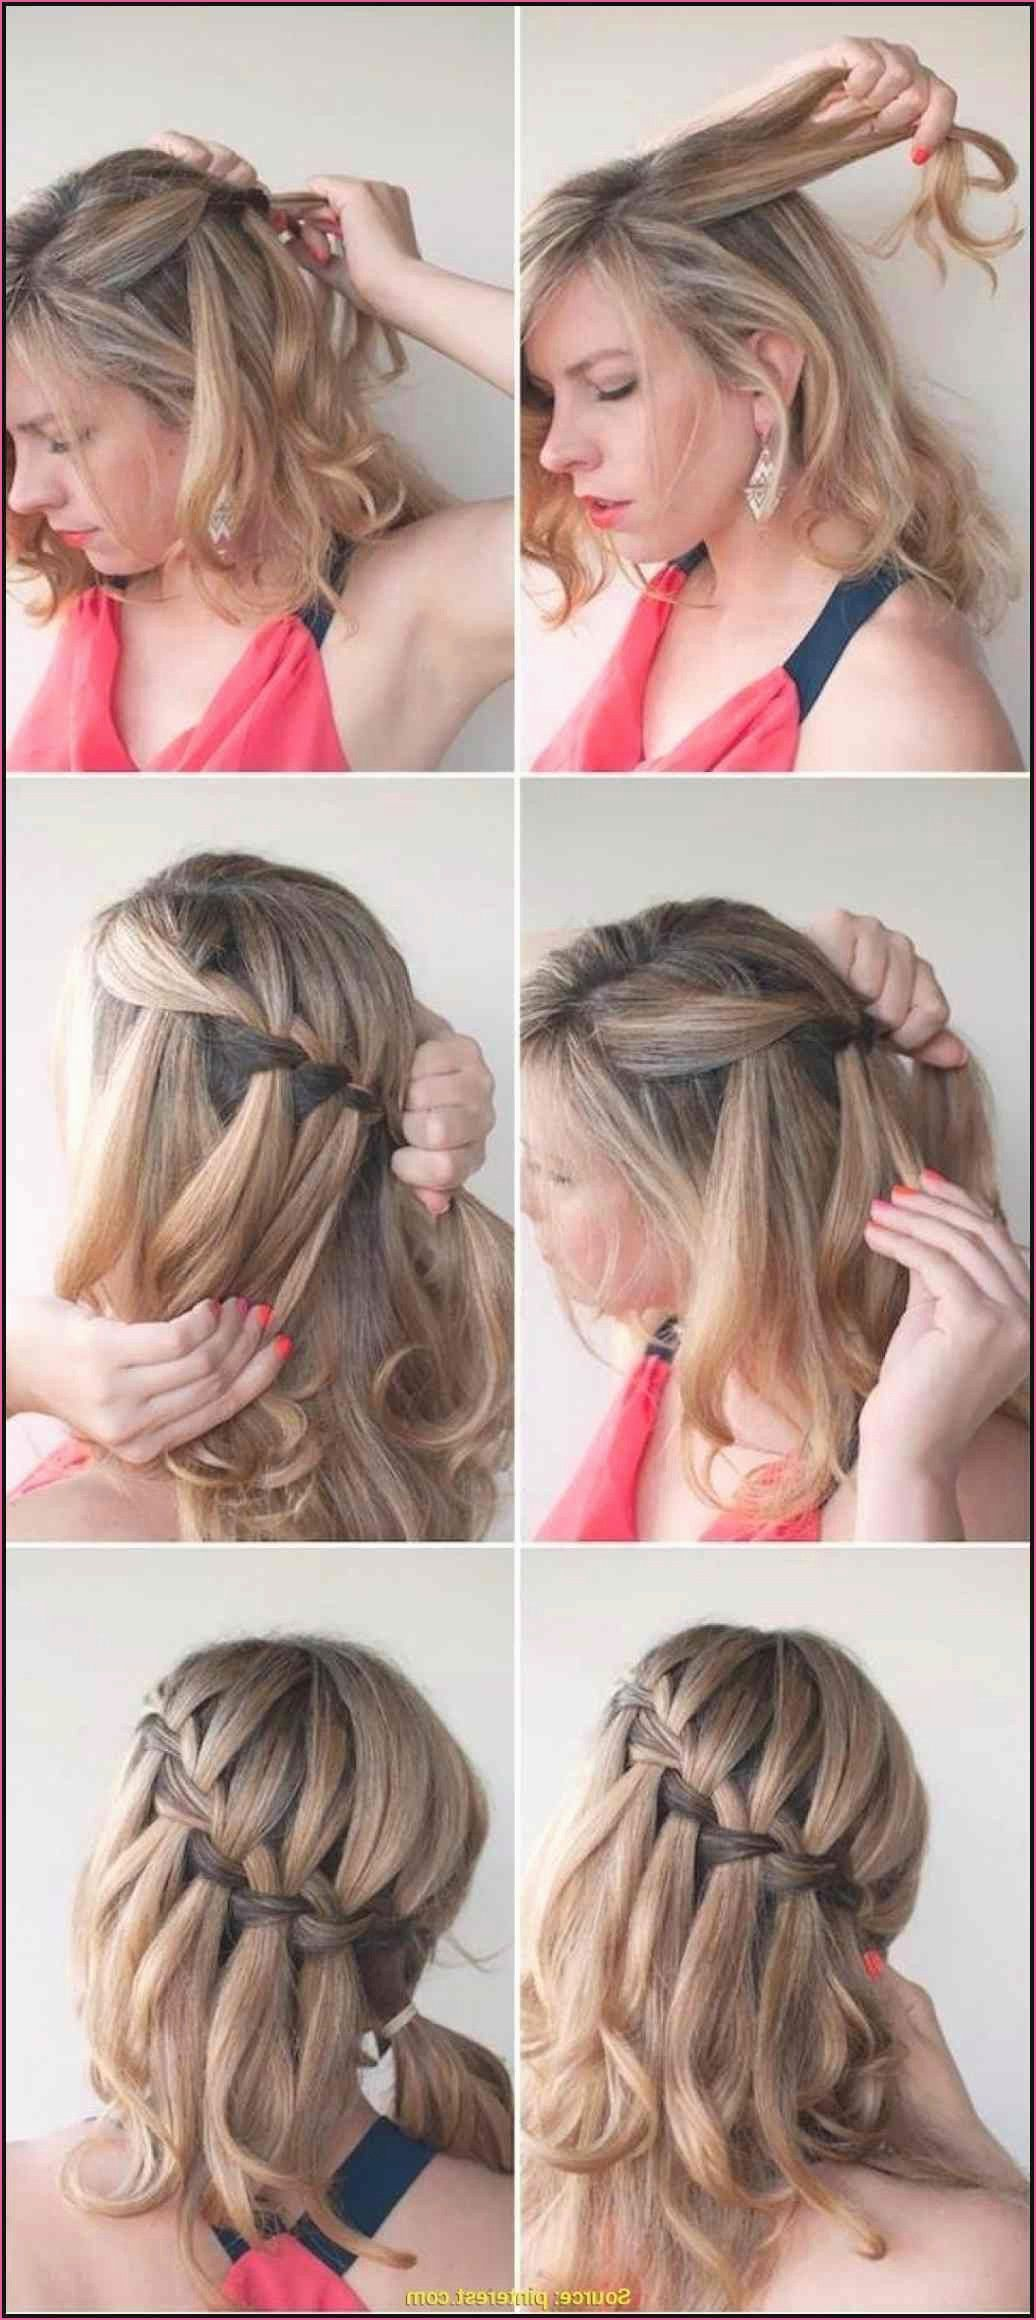 Wiesn Frisuren Mittellange Haare In 2020 Dirndl Frisuren Kurze Haare Frisuren Dirndl Frisuren Lange Haare